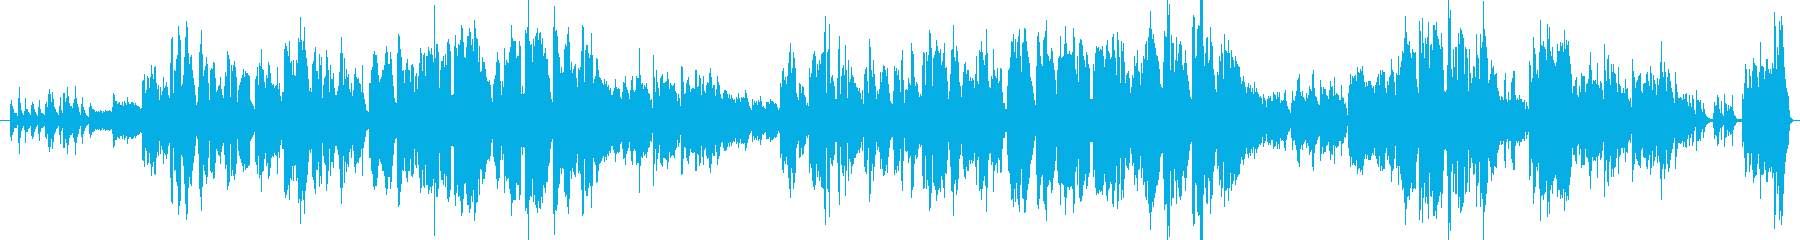 歌詞は全て百人一首からとり、組み合わせ…の再生済みの波形